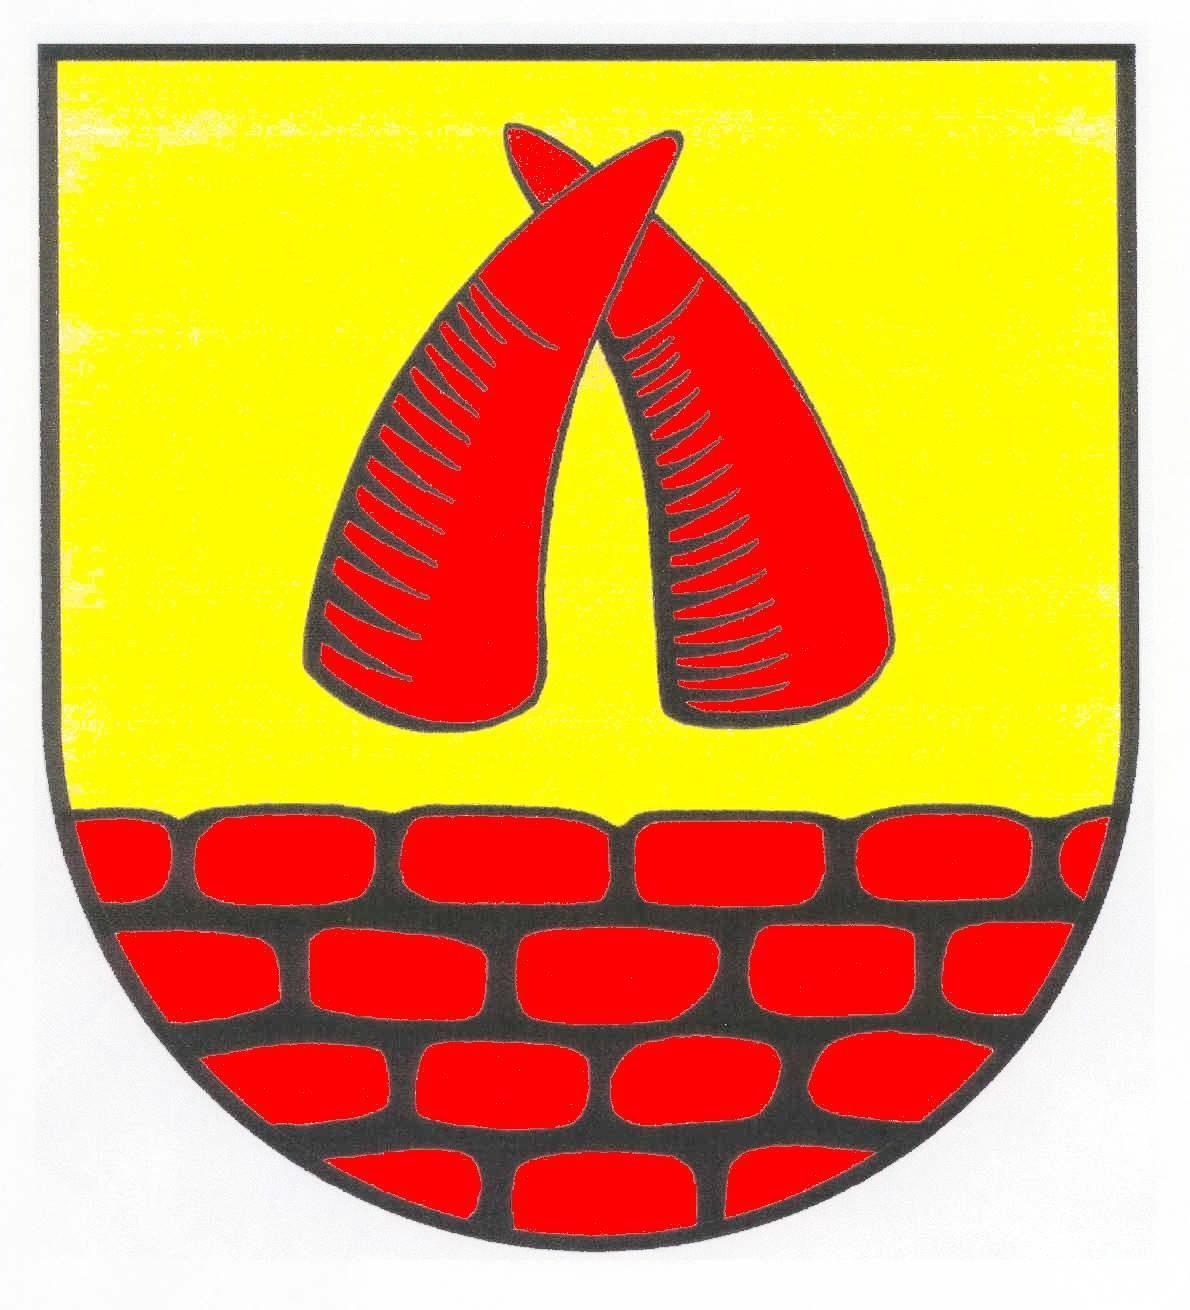 Wappen GemeindeDannewerk, Kreis Schleswig-Flensburg